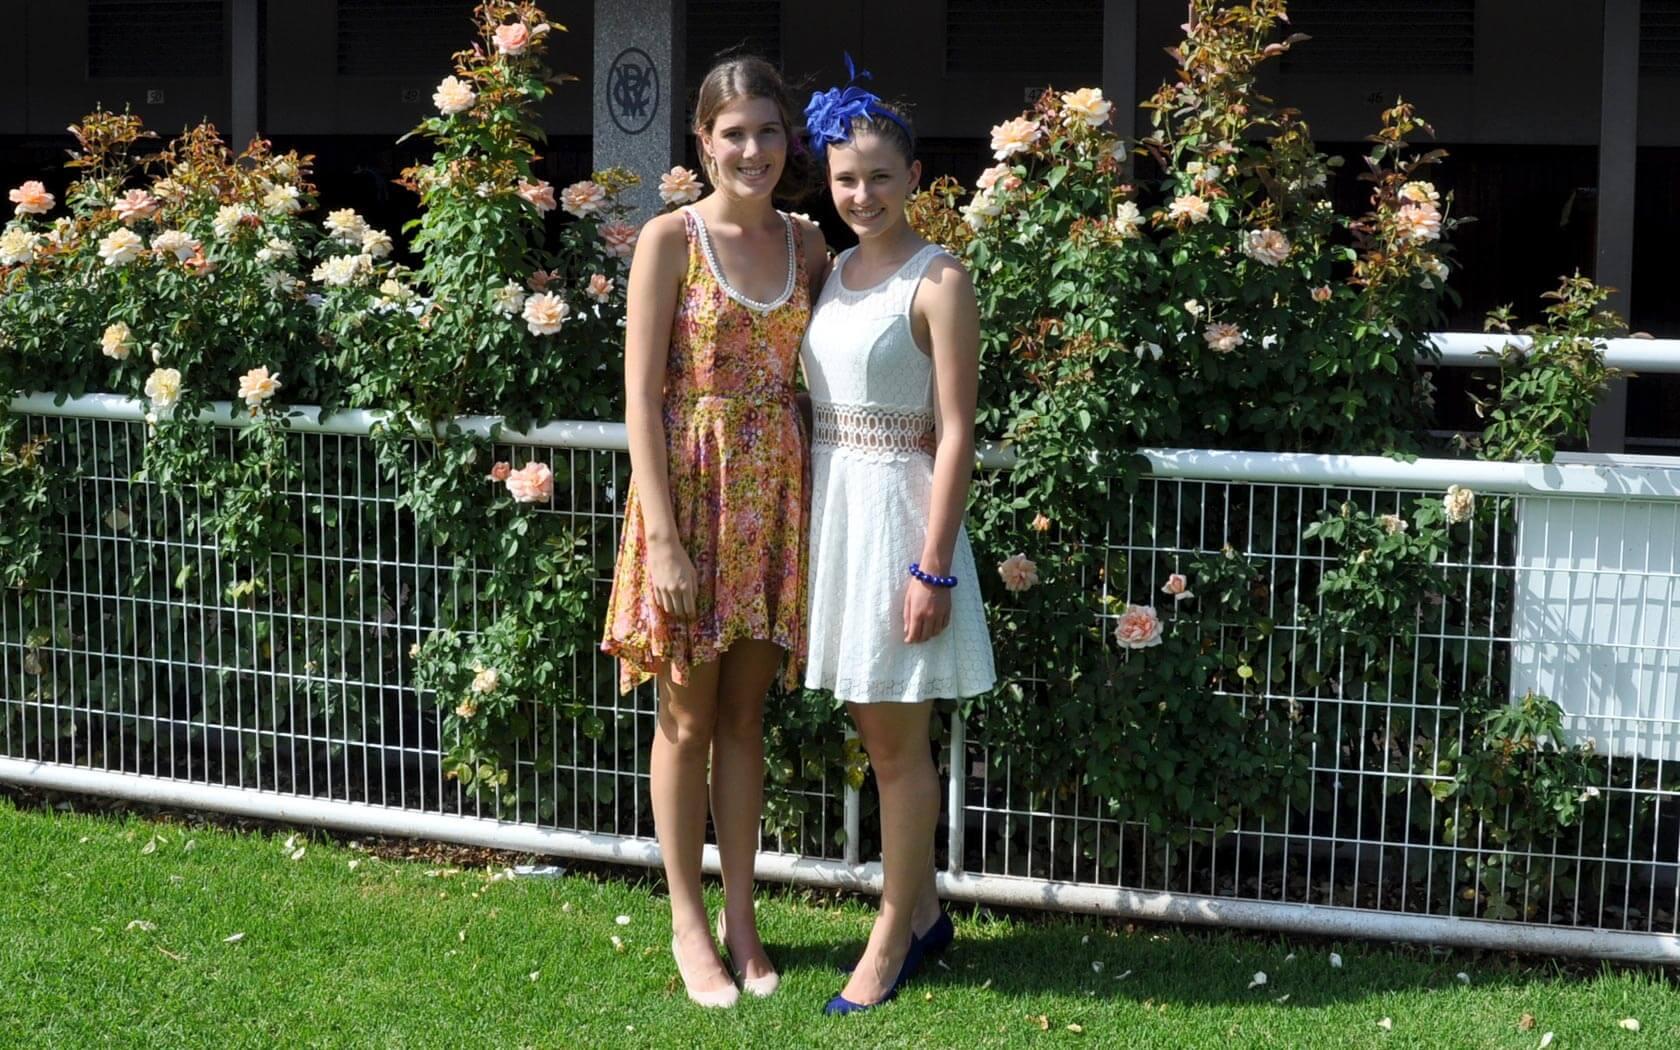 Melbourne Cup: Laura und ihre Gastschwester